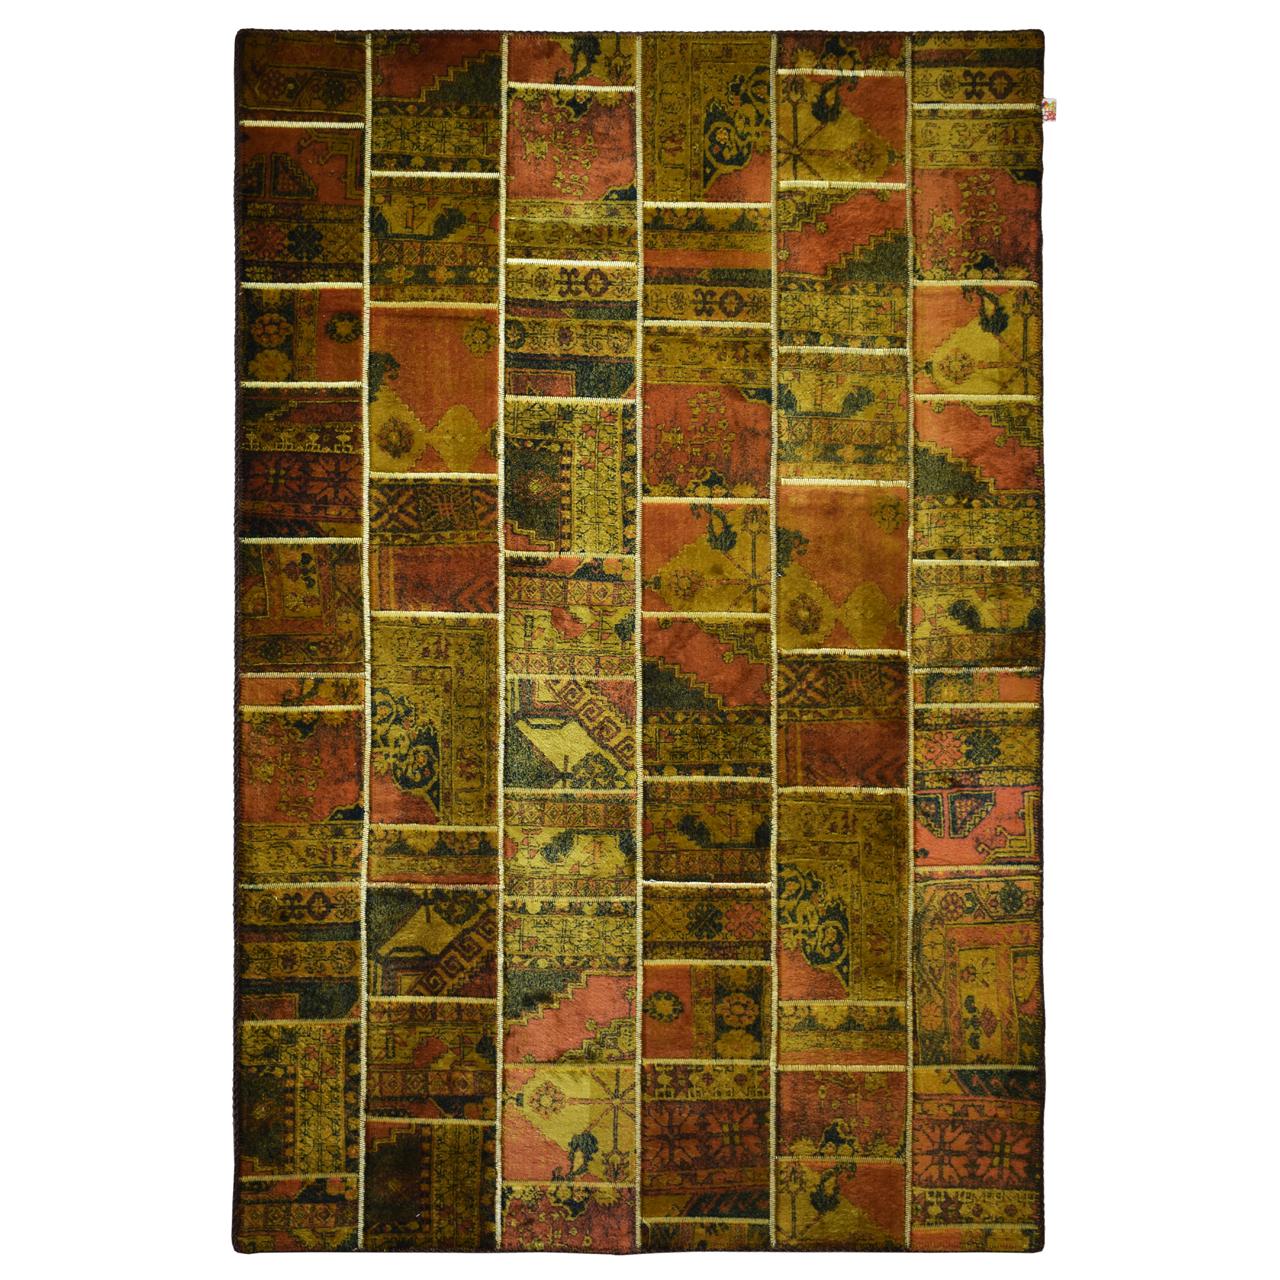 فرش ماشینی امپریال طرح بختیاری کد 012 زمینه قهوه ای